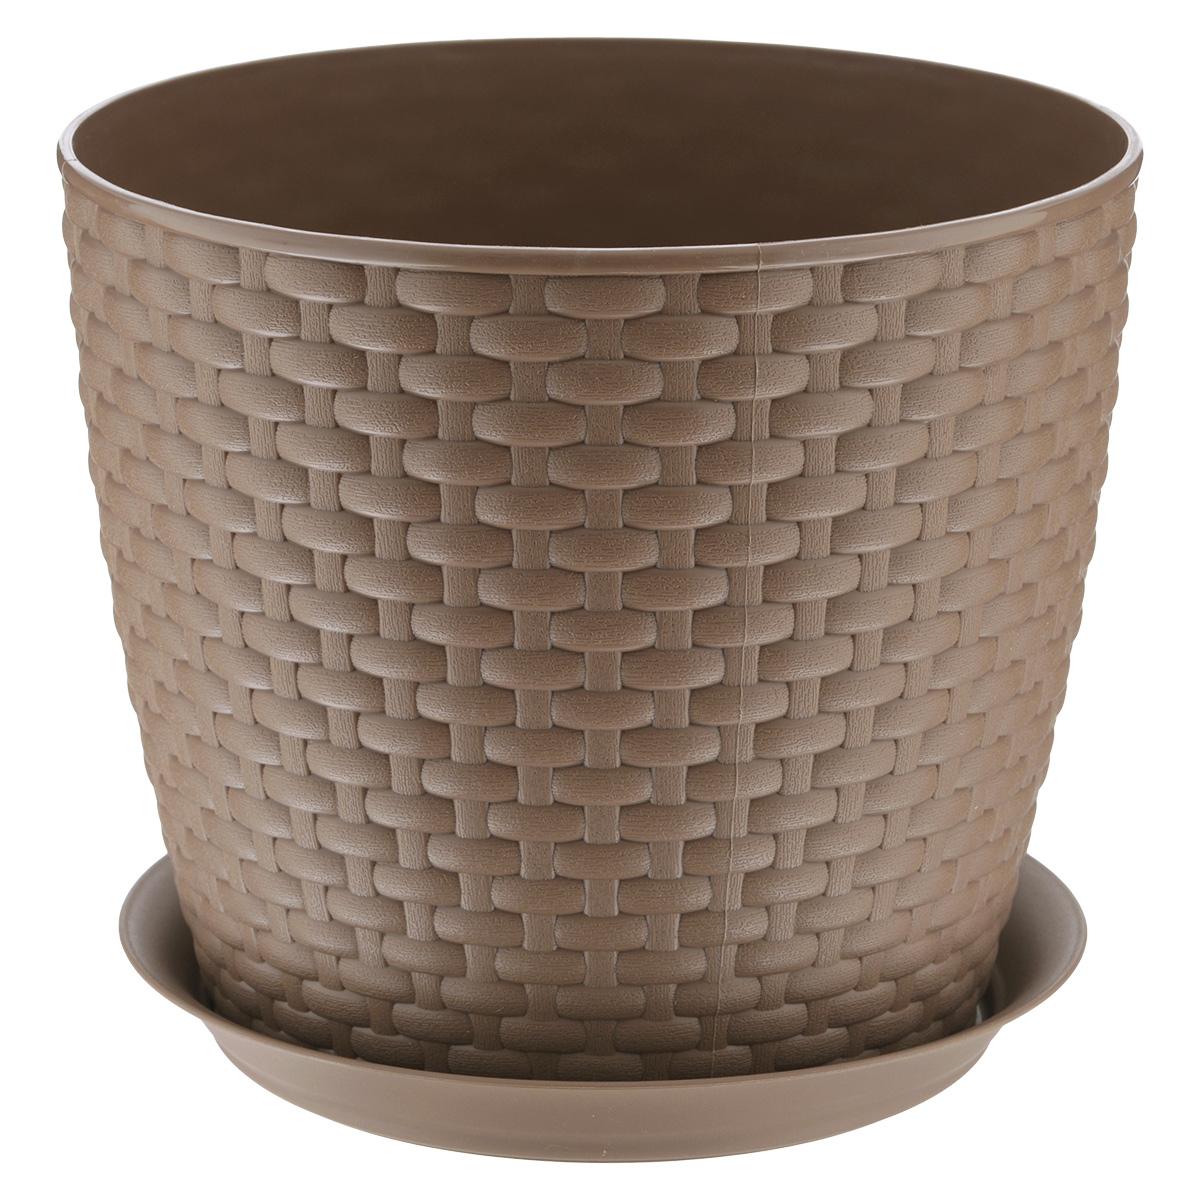 Кашпо Idea Ротанг, с поддоном, цвет: бежевый, 4,7 лZ-0307Кашпо Idea Ротанг изготовлено из высококачественного пластика. Специальный поддон предназначен для стока воды. Изделие прекрасно подходит для выращивания растений и цветов в домашних условиях. Лаконичный дизайн впишется в интерьер любого помещения. Диаметр поддона: 19,5 см. Объем кашпо: 4,7 л.Диаметр кашпо по верхнему краю: 21 см.Высота кашпо: 18 см.